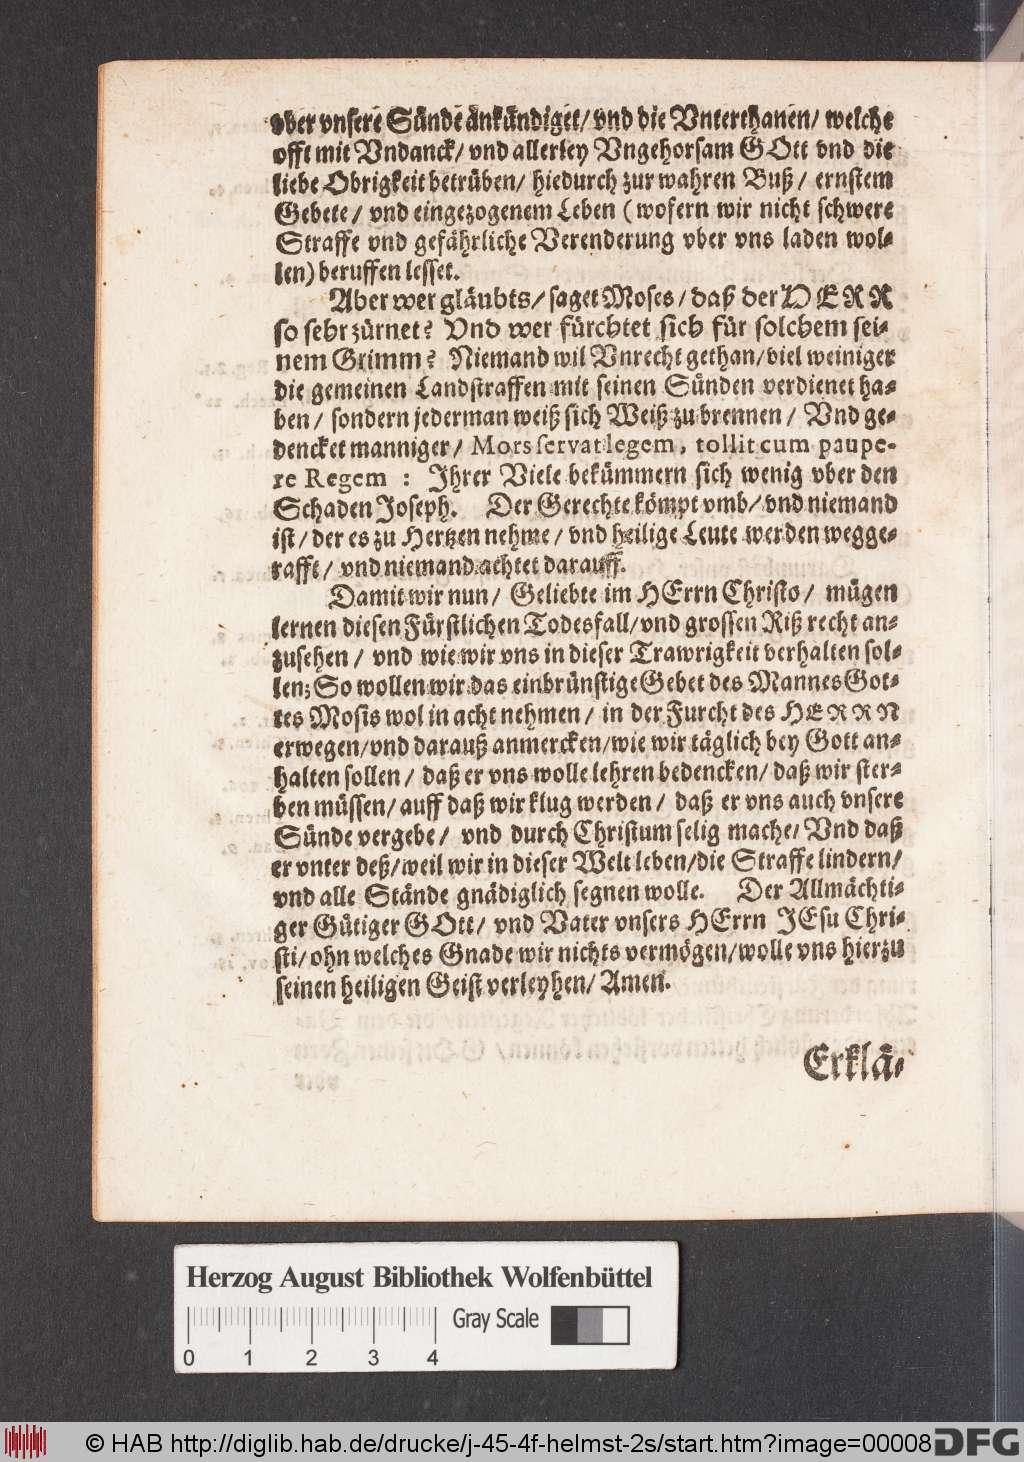 http://diglib.hab.de/drucke/j-45-4f-helmst-2s/00008.jpg